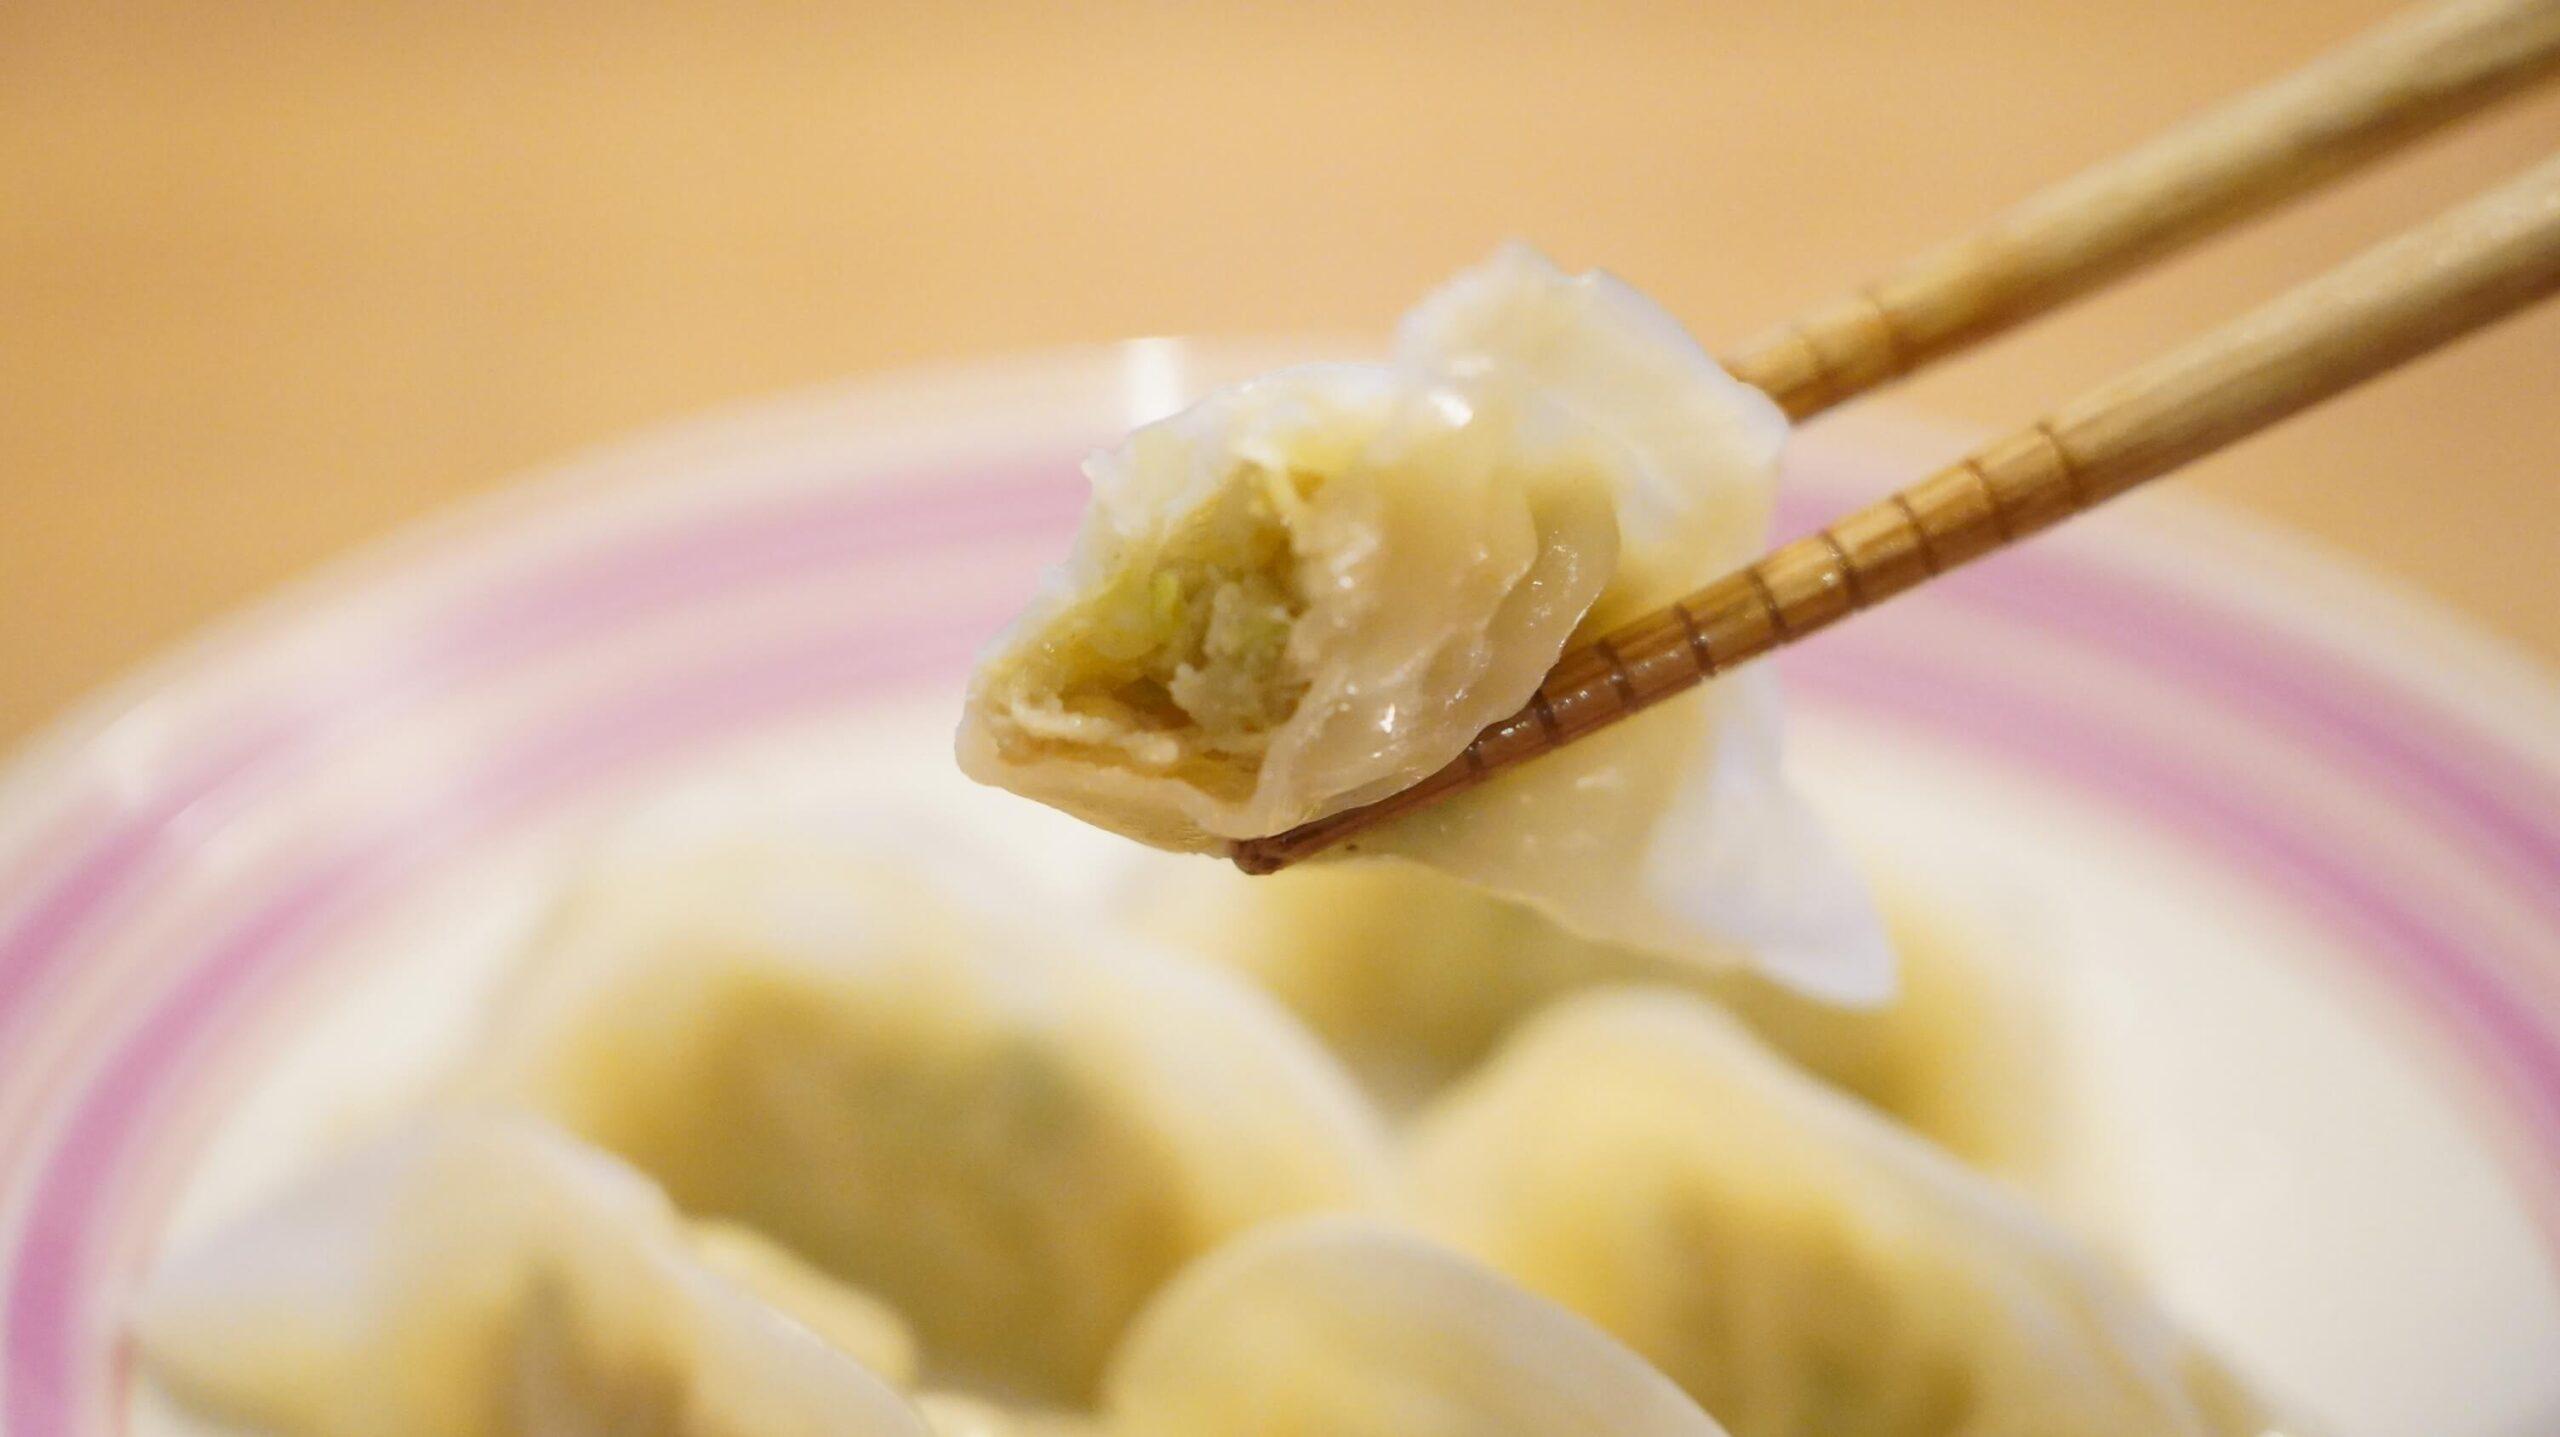 生協宅配限定の冷凍餃子「香港ギョーザ」の断面の写真